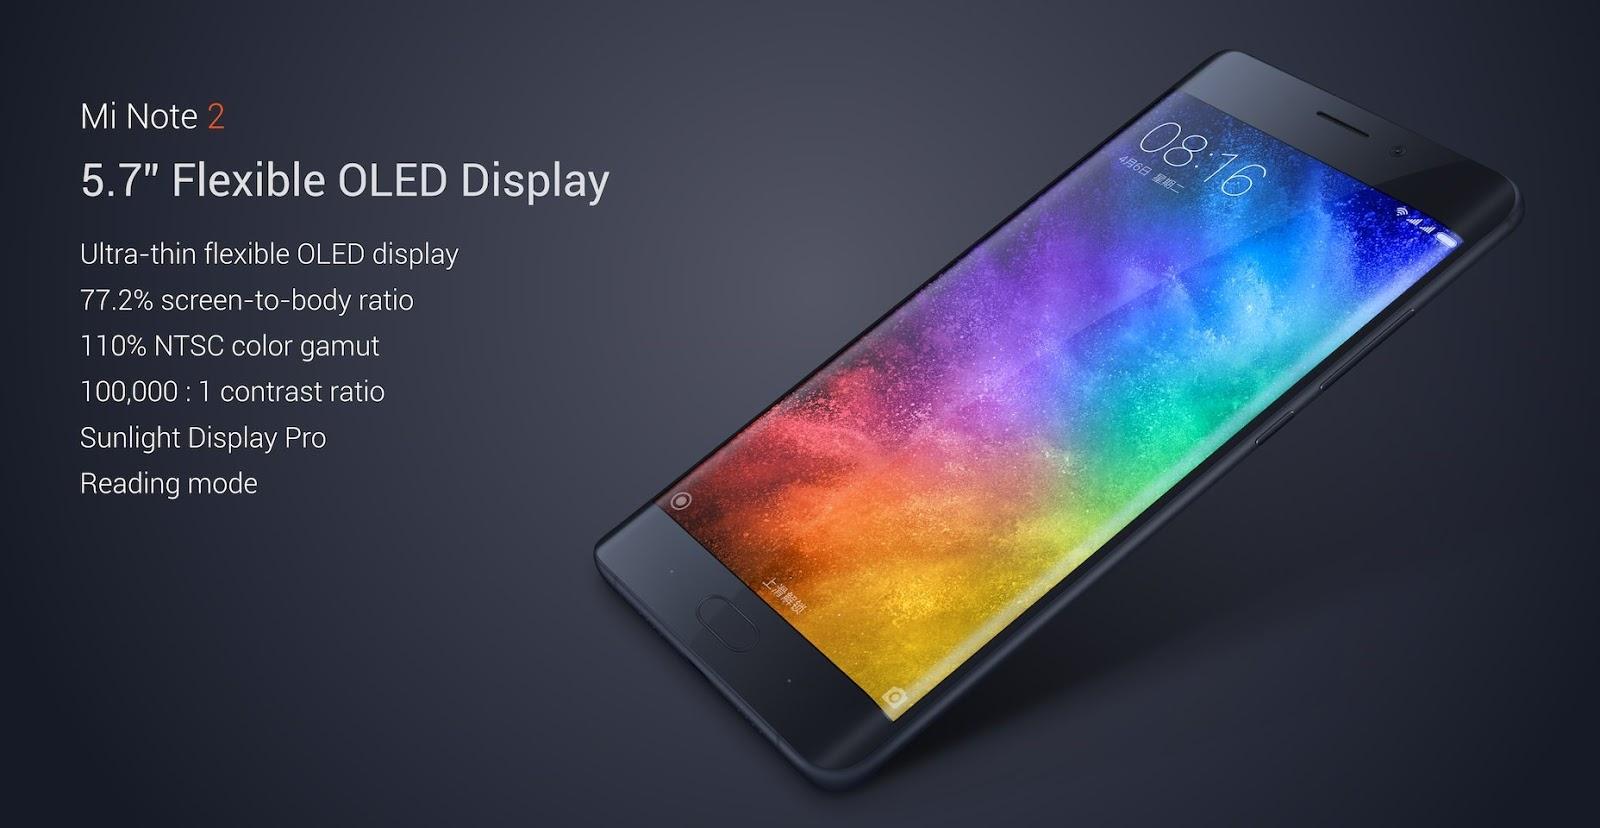 Новинки от Xiaomi: два смартфона и… процессор? - 11